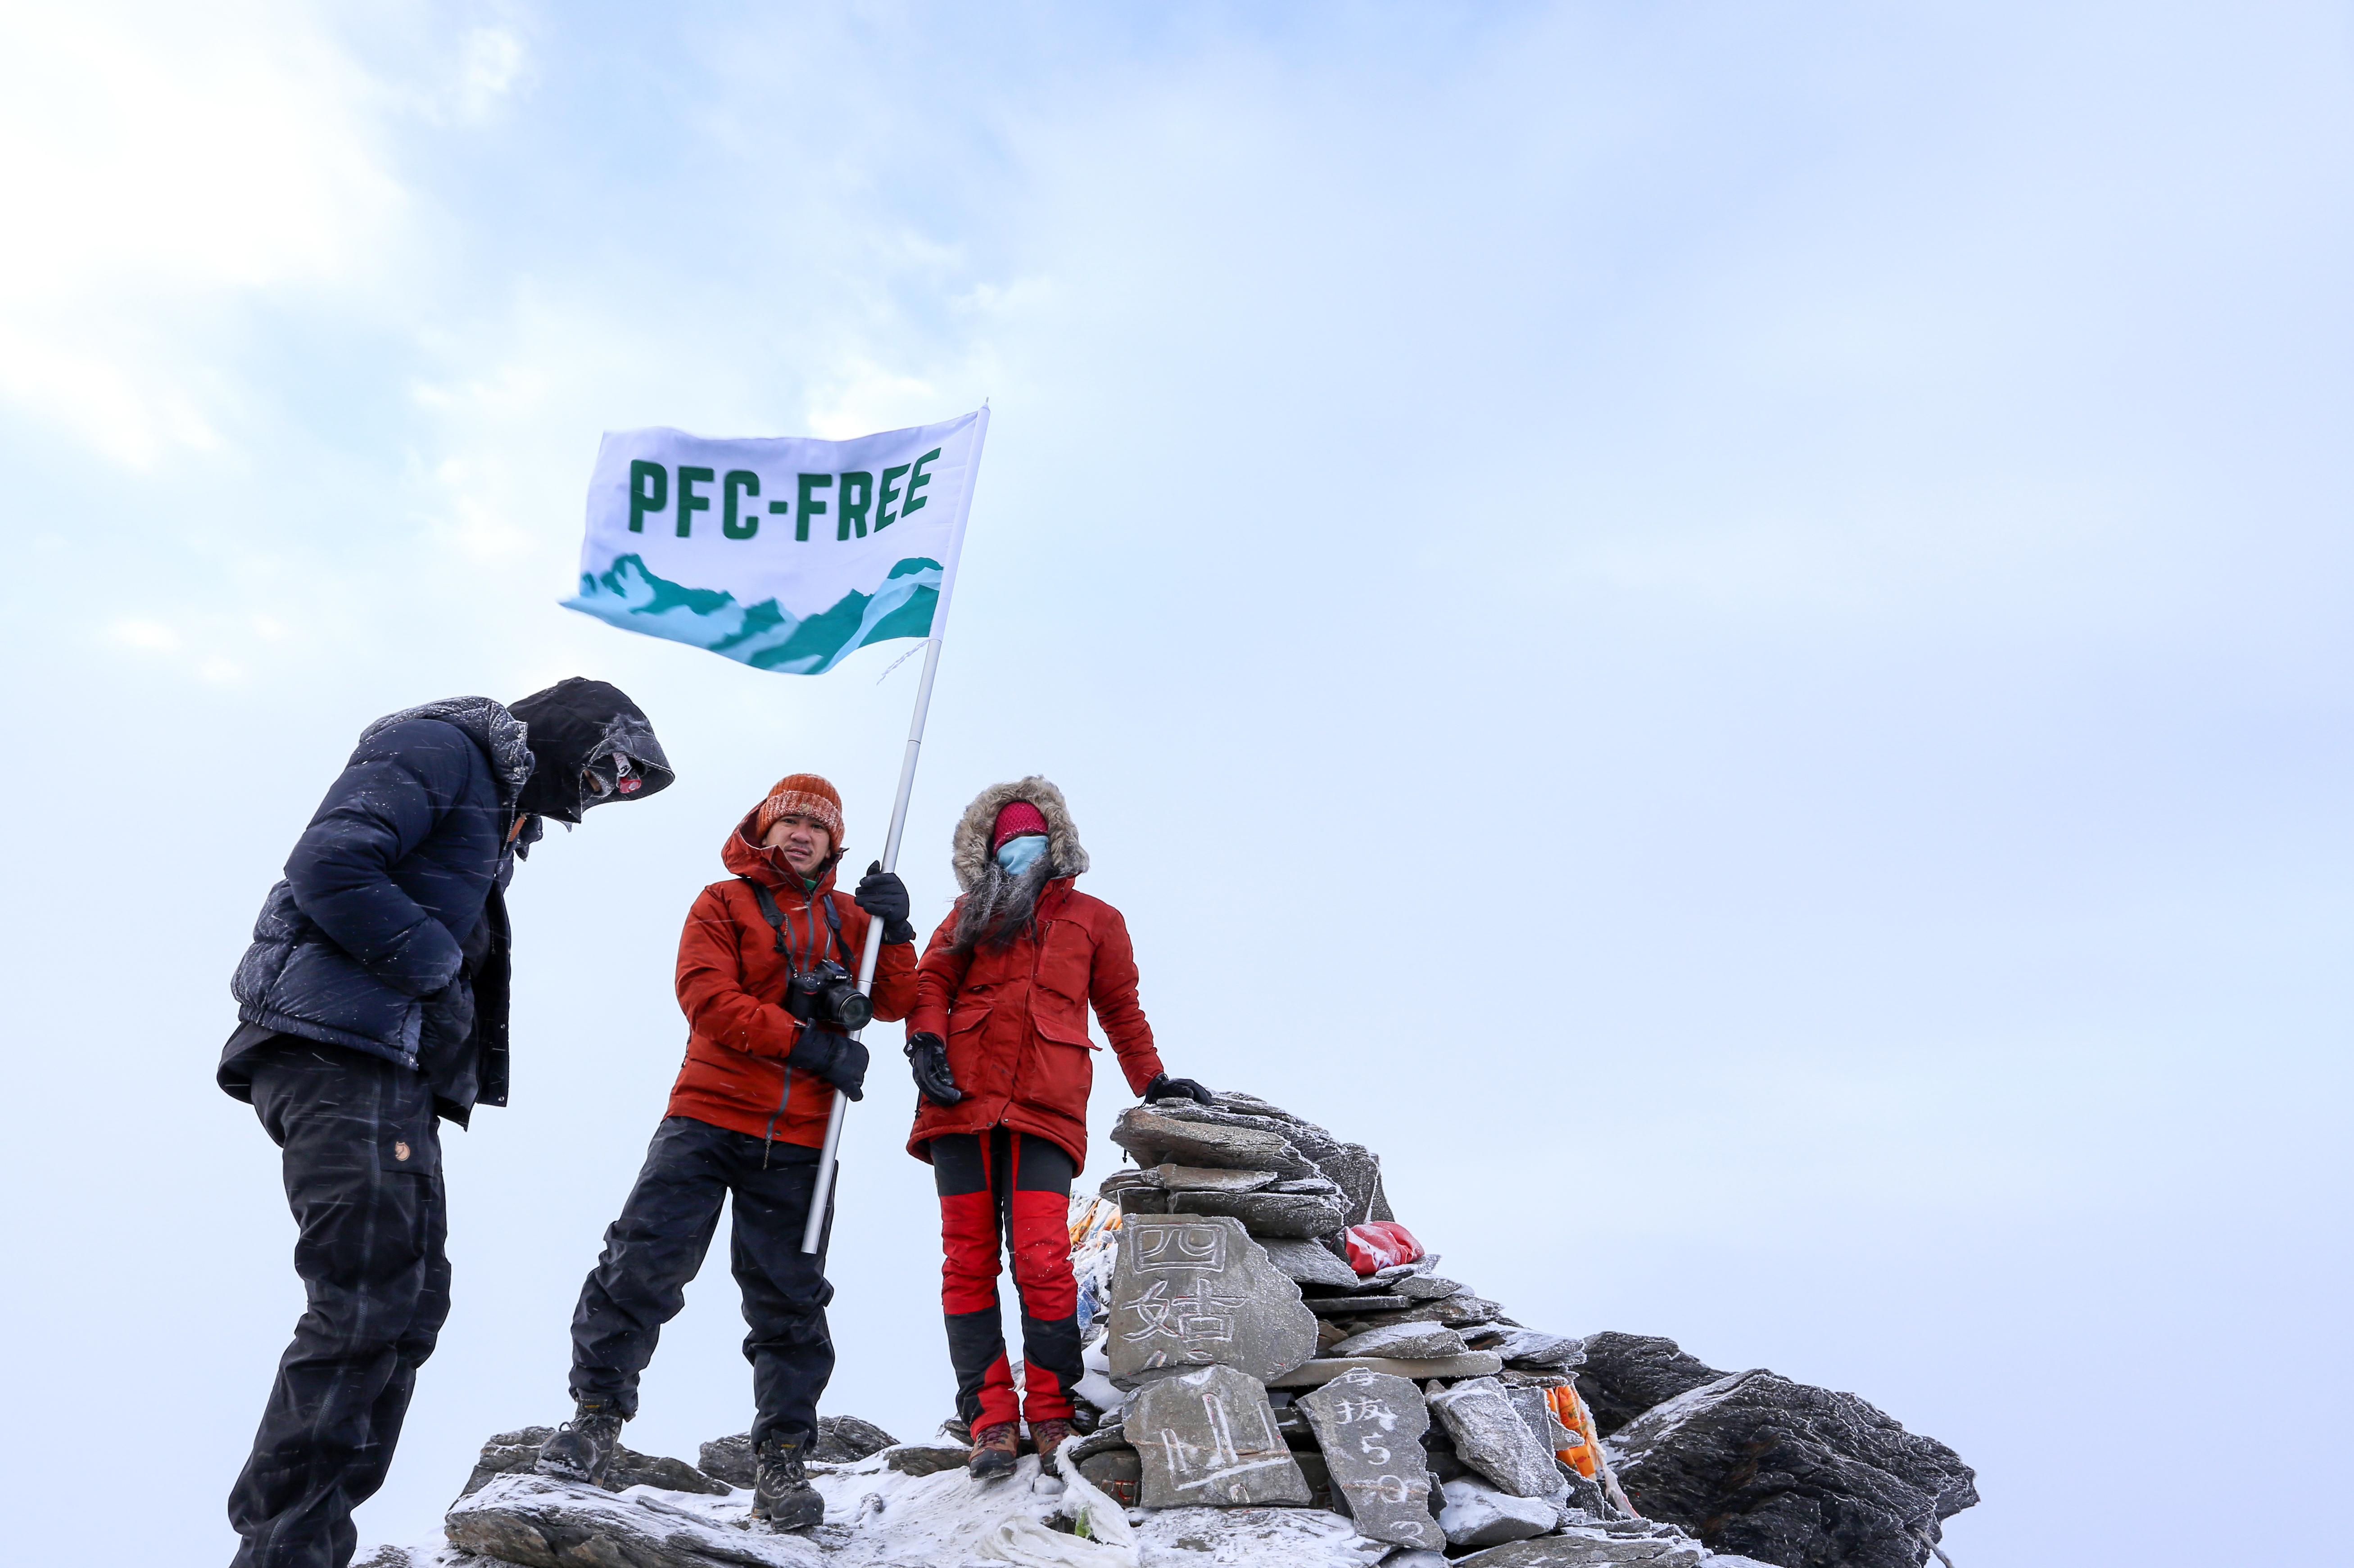 來自中國,香港及台灣三地的登山家,以較環保的方式登山,希望帶動更多戶外活動愛好者改用 PFC-free 產品,推動戶外品牌淘汰 PFCs